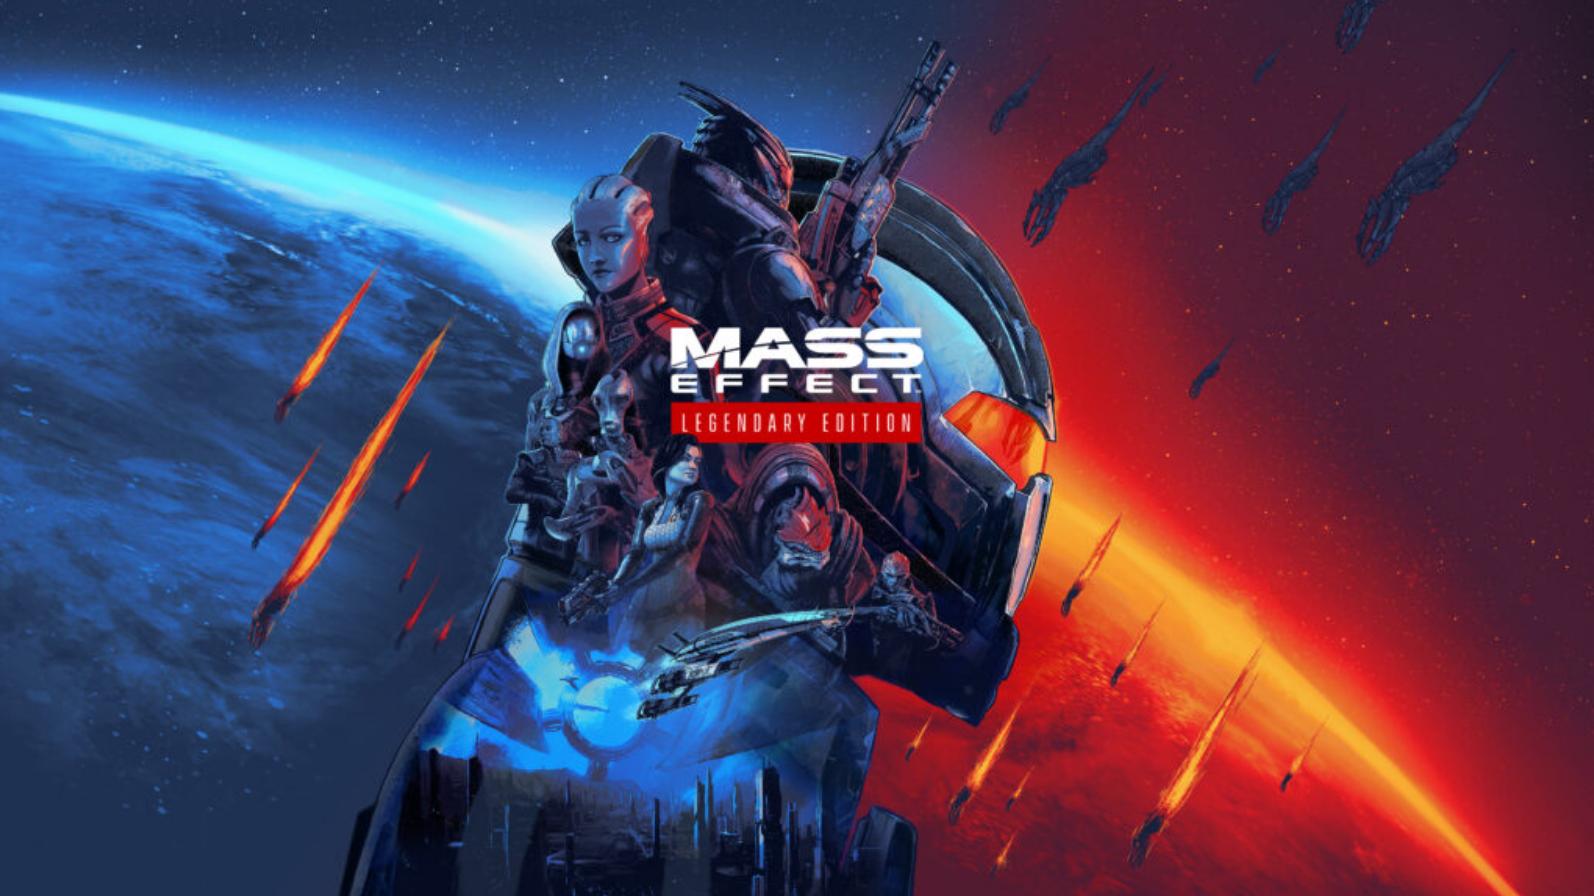 Похоже, Mass Effect Legendary Edition с улучшенной графикой выйдет в марте для PlayStation 4, Xbox One и ПК